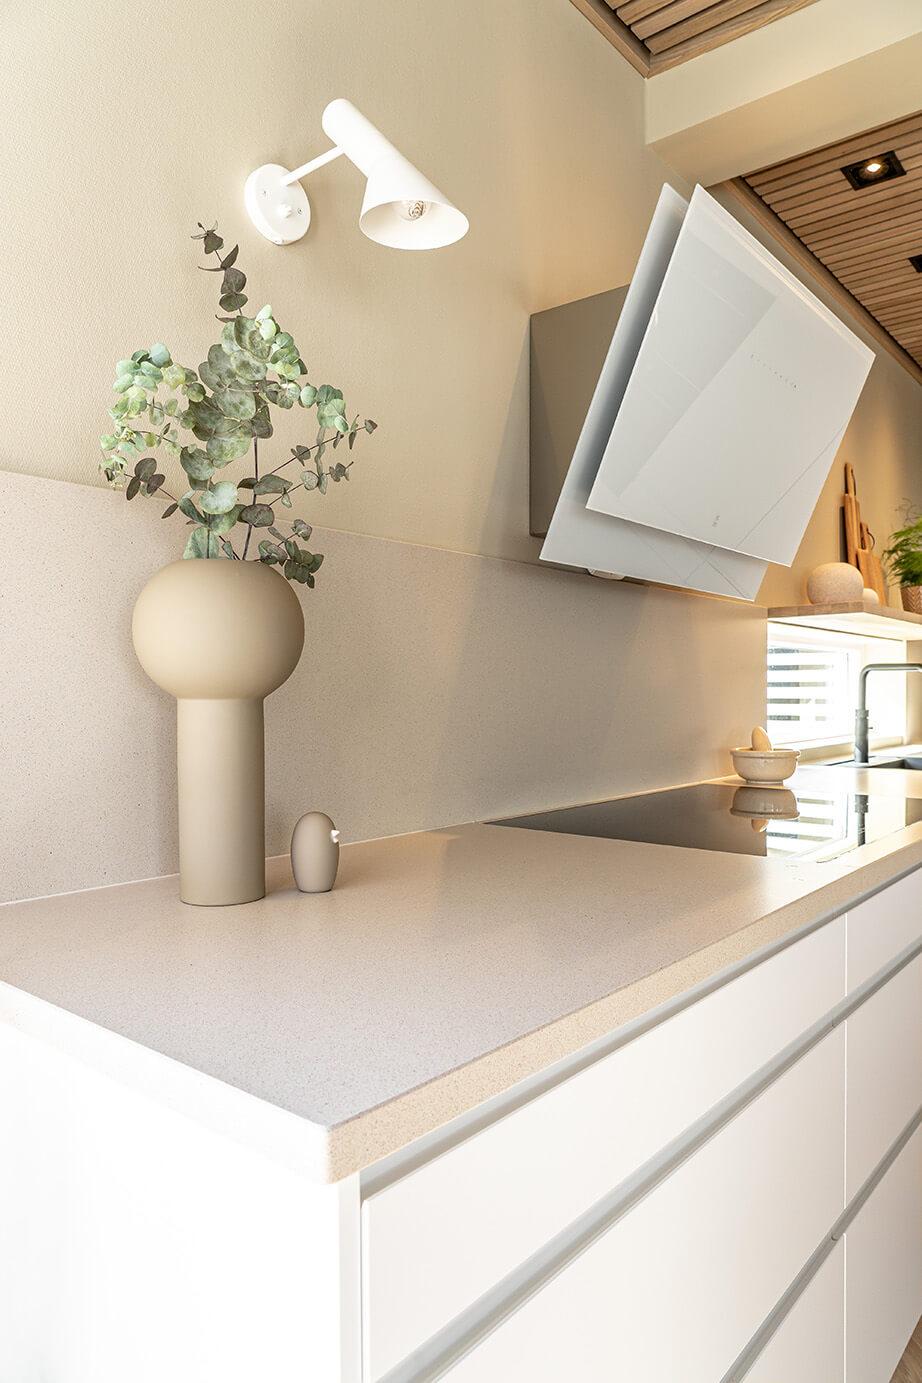 Nærbilde av benkeplate i sandfarget stein, mot hvite kjøkkenfronter